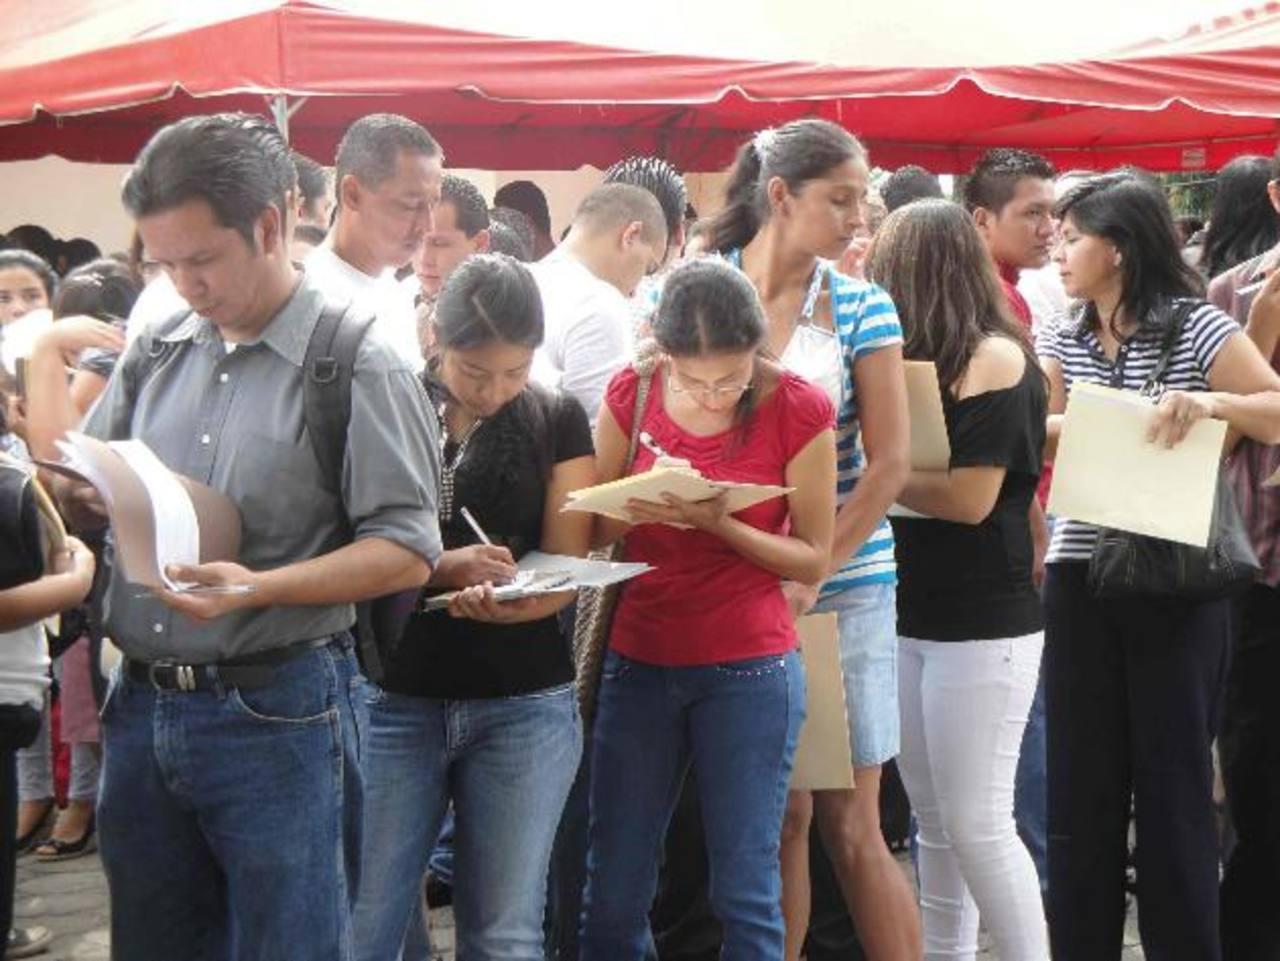 Los aspirantes esperan conseguir un trabajo con las ofertas de empleos que se llevan a la ciudad. Foto EDH / archivo